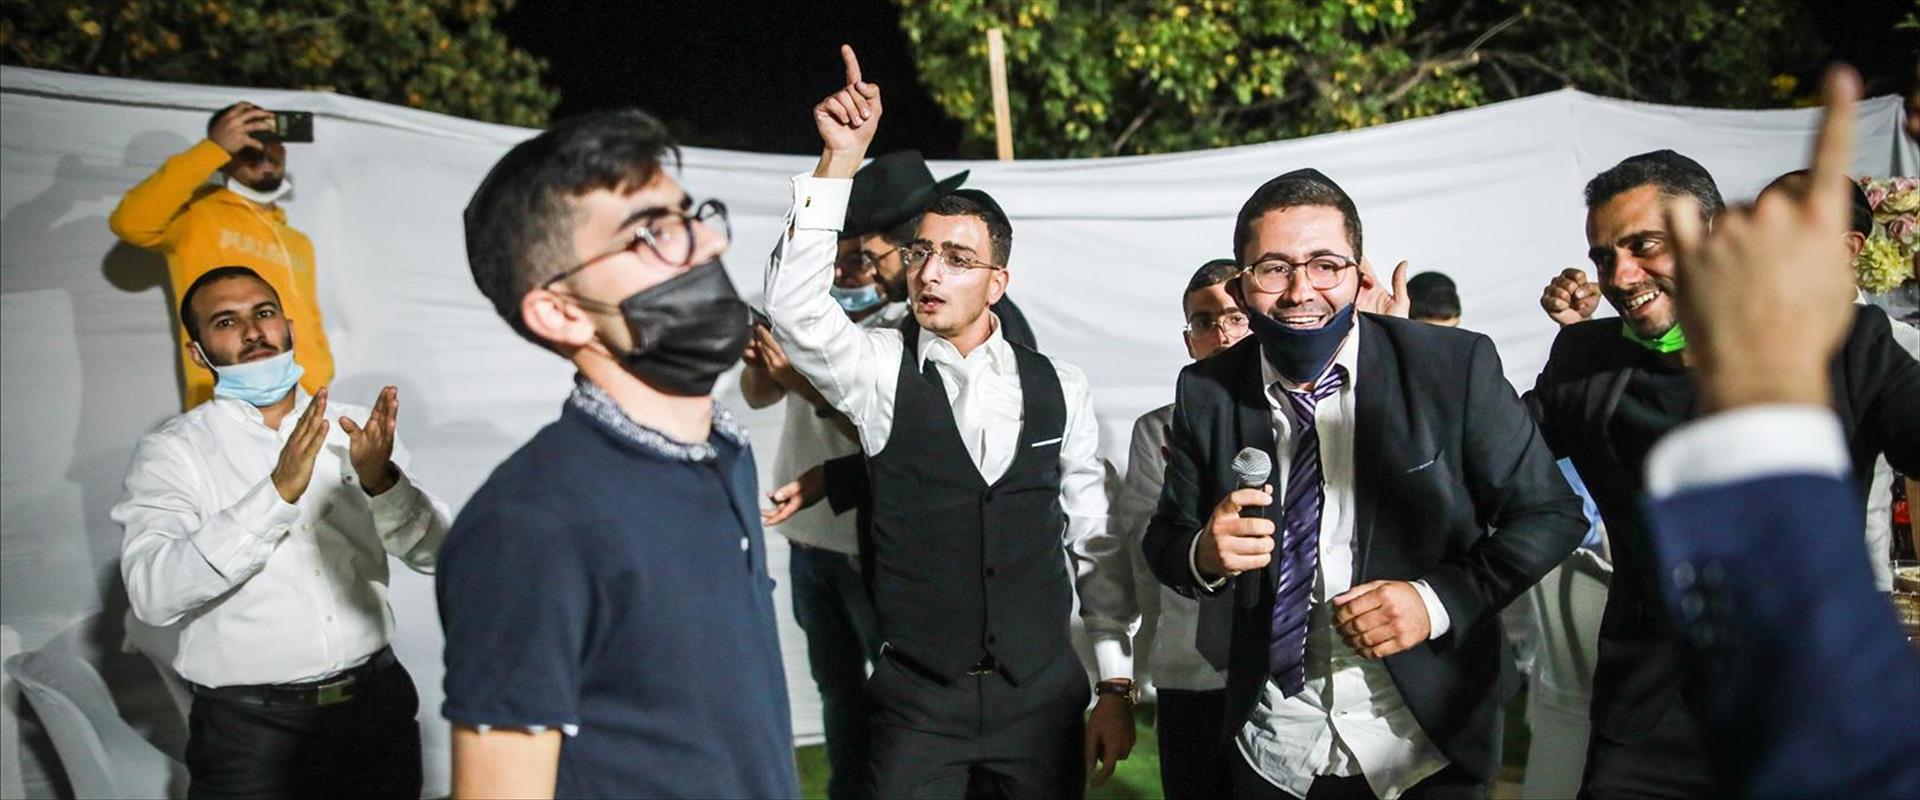 החתונה בגבעת זאב, אתמול